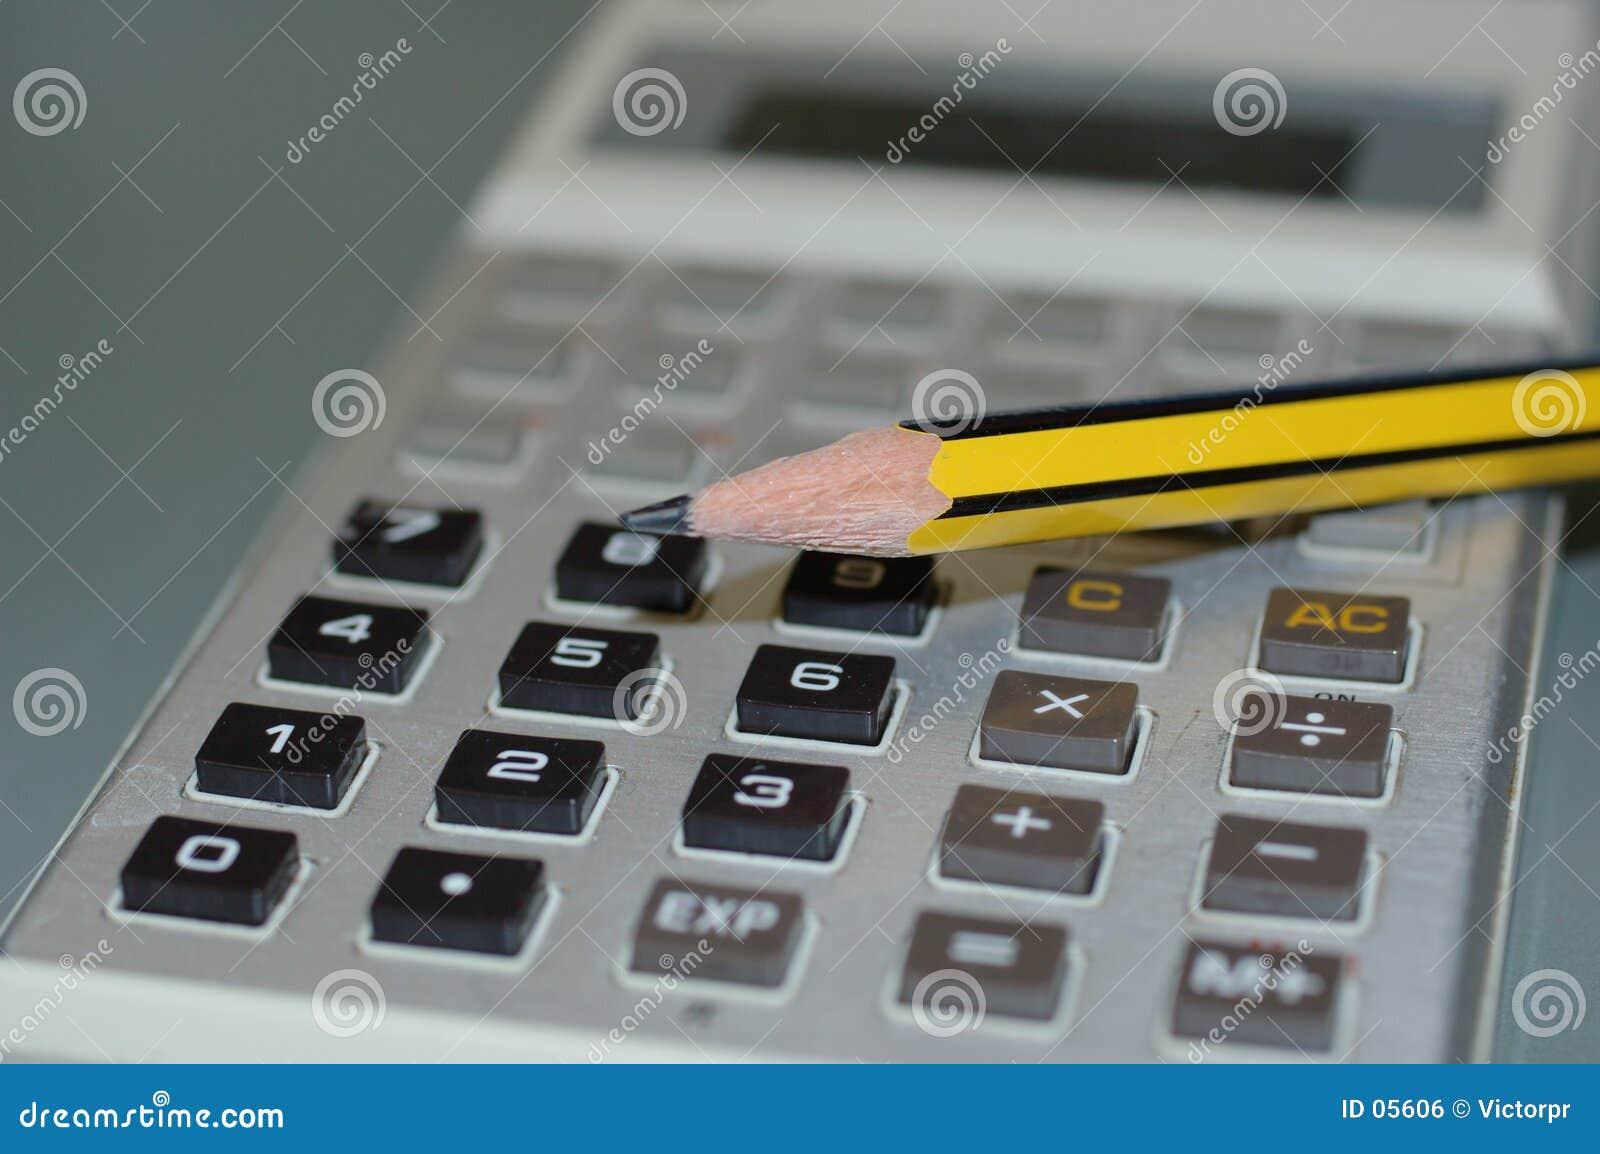 Rechner und ein Bleistift